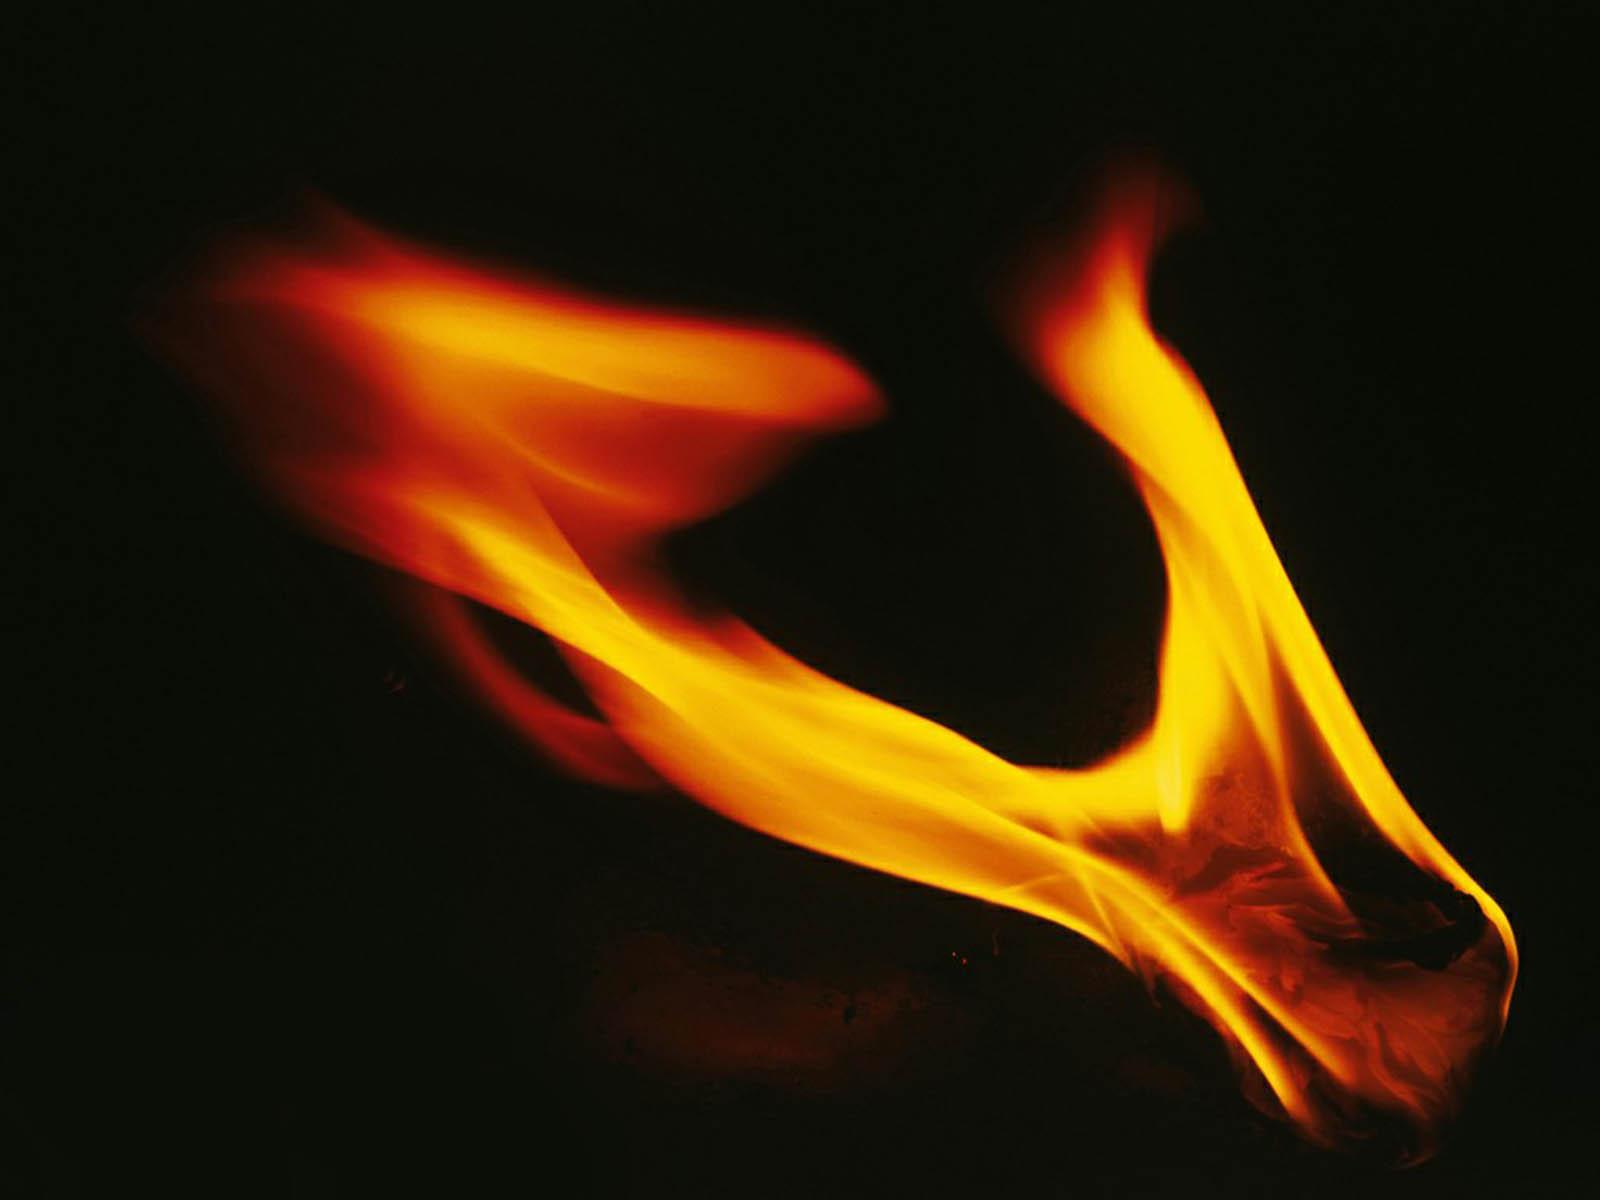 http://4.bp.blogspot.com/-SjD5Vu1Uu5I/UFCpqFqR7gI/AAAAAAAAJwQ/aIiONcZ_vHc/s1600/Fire+Wallpapers+7.jpg